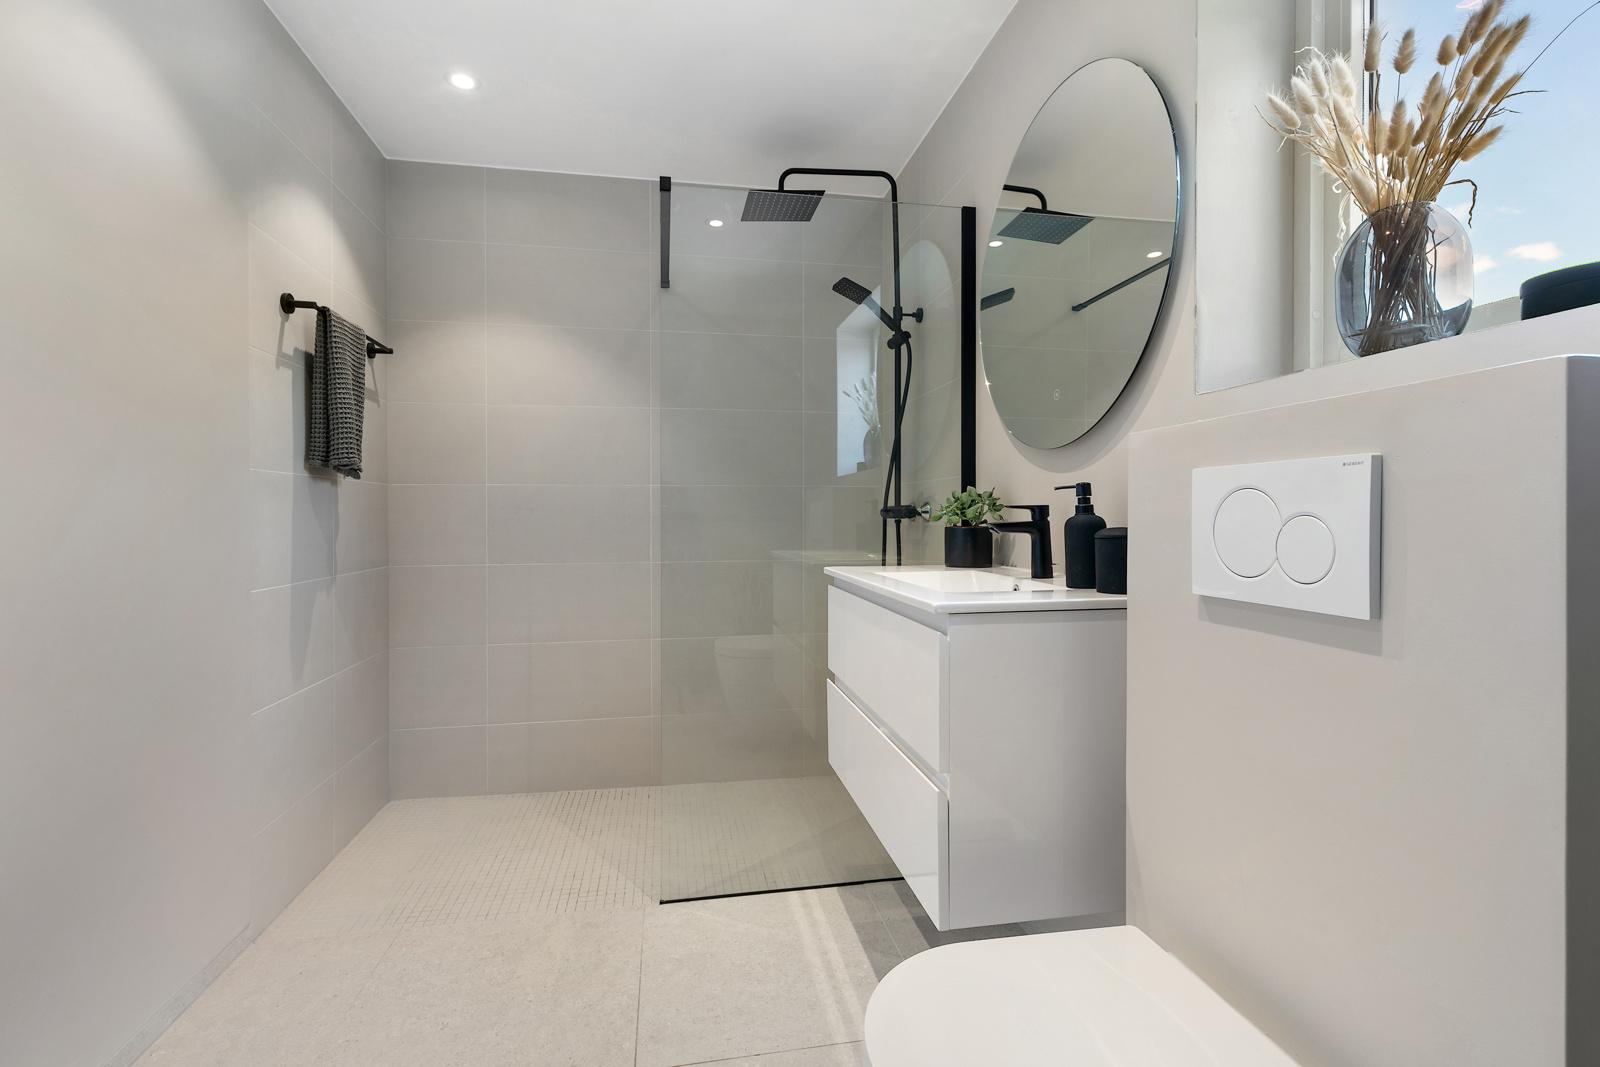 Badet har store lyse fliser og svarte detaljer